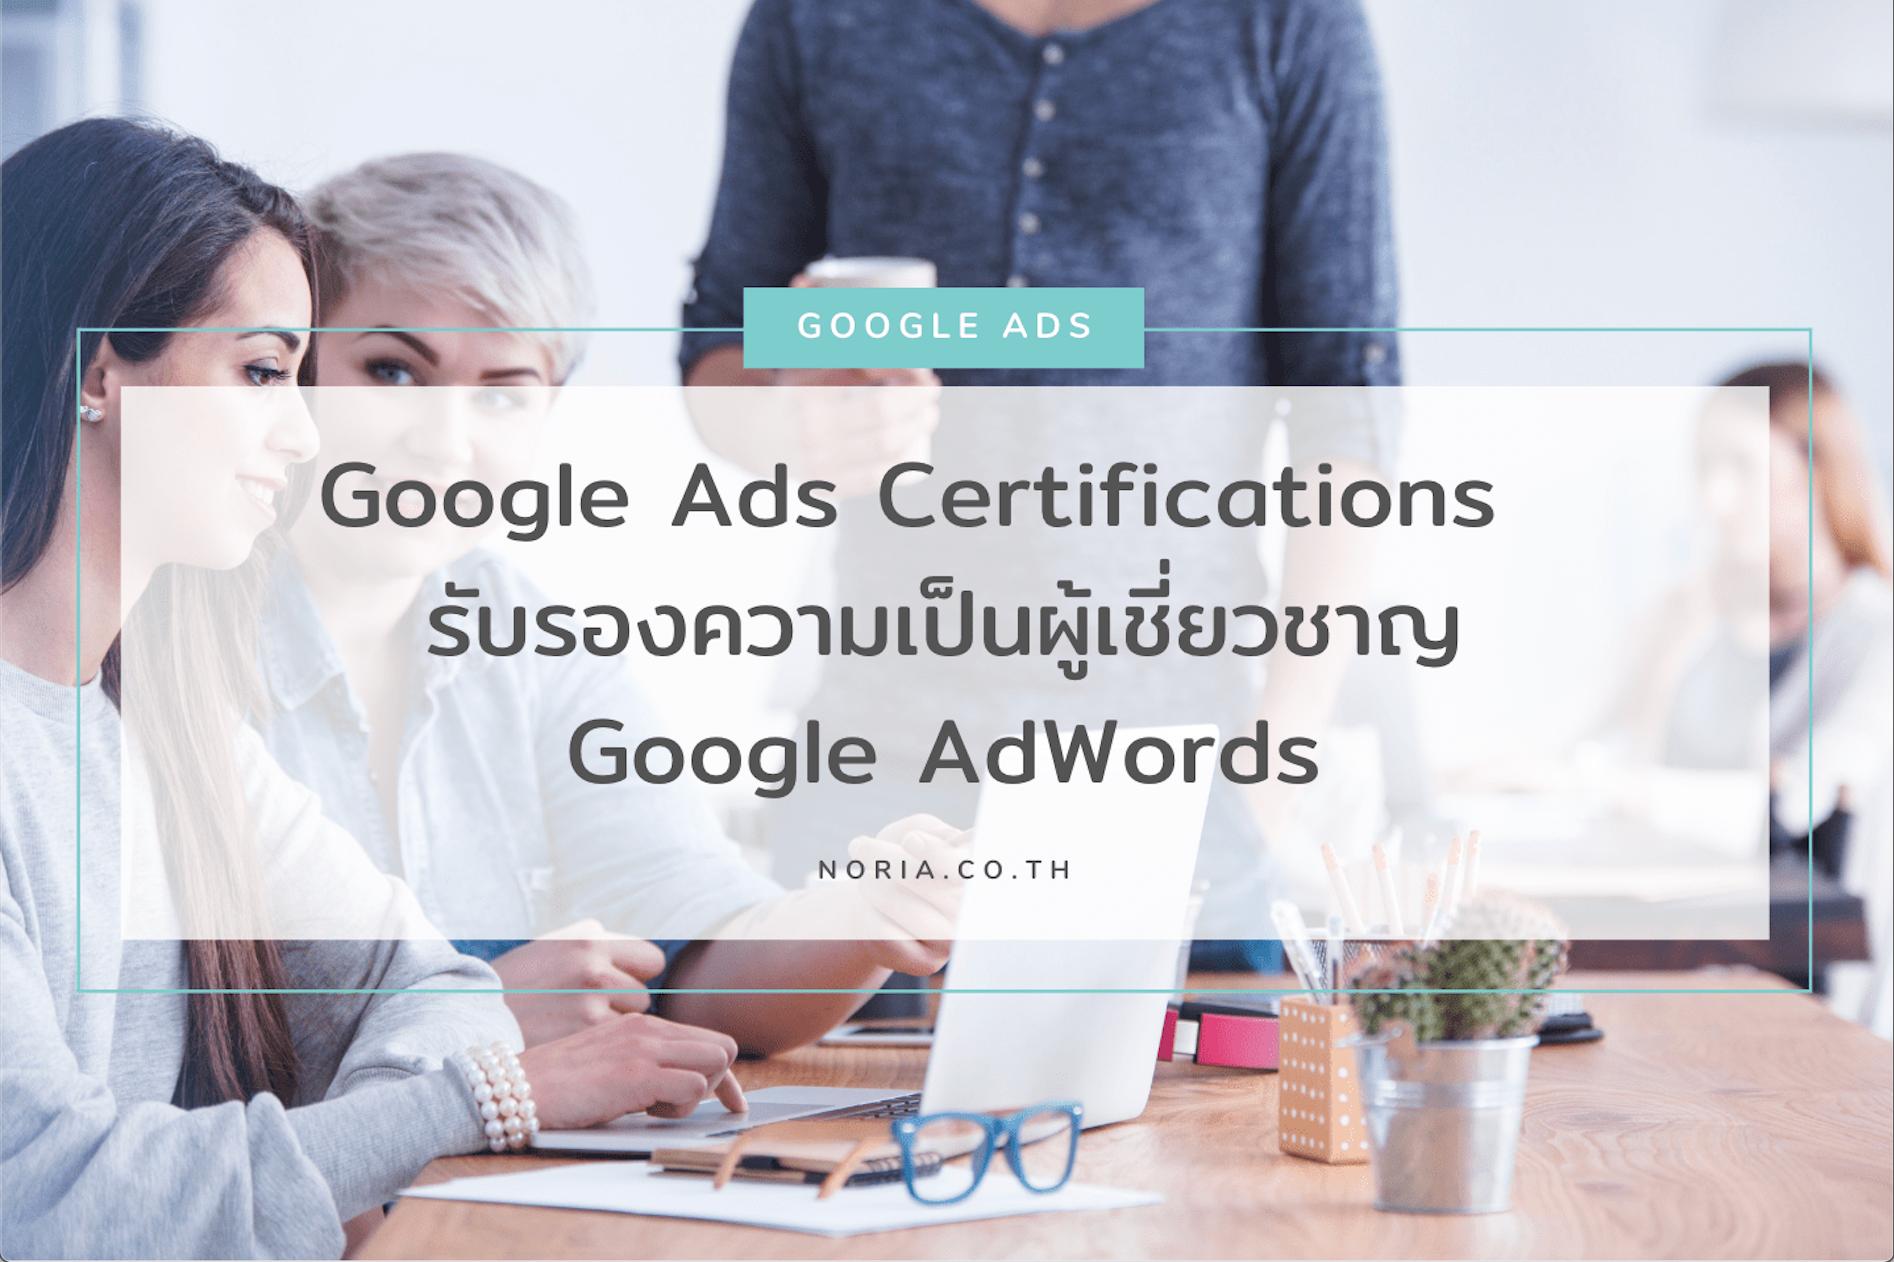 ใบรับรอง Google Ads